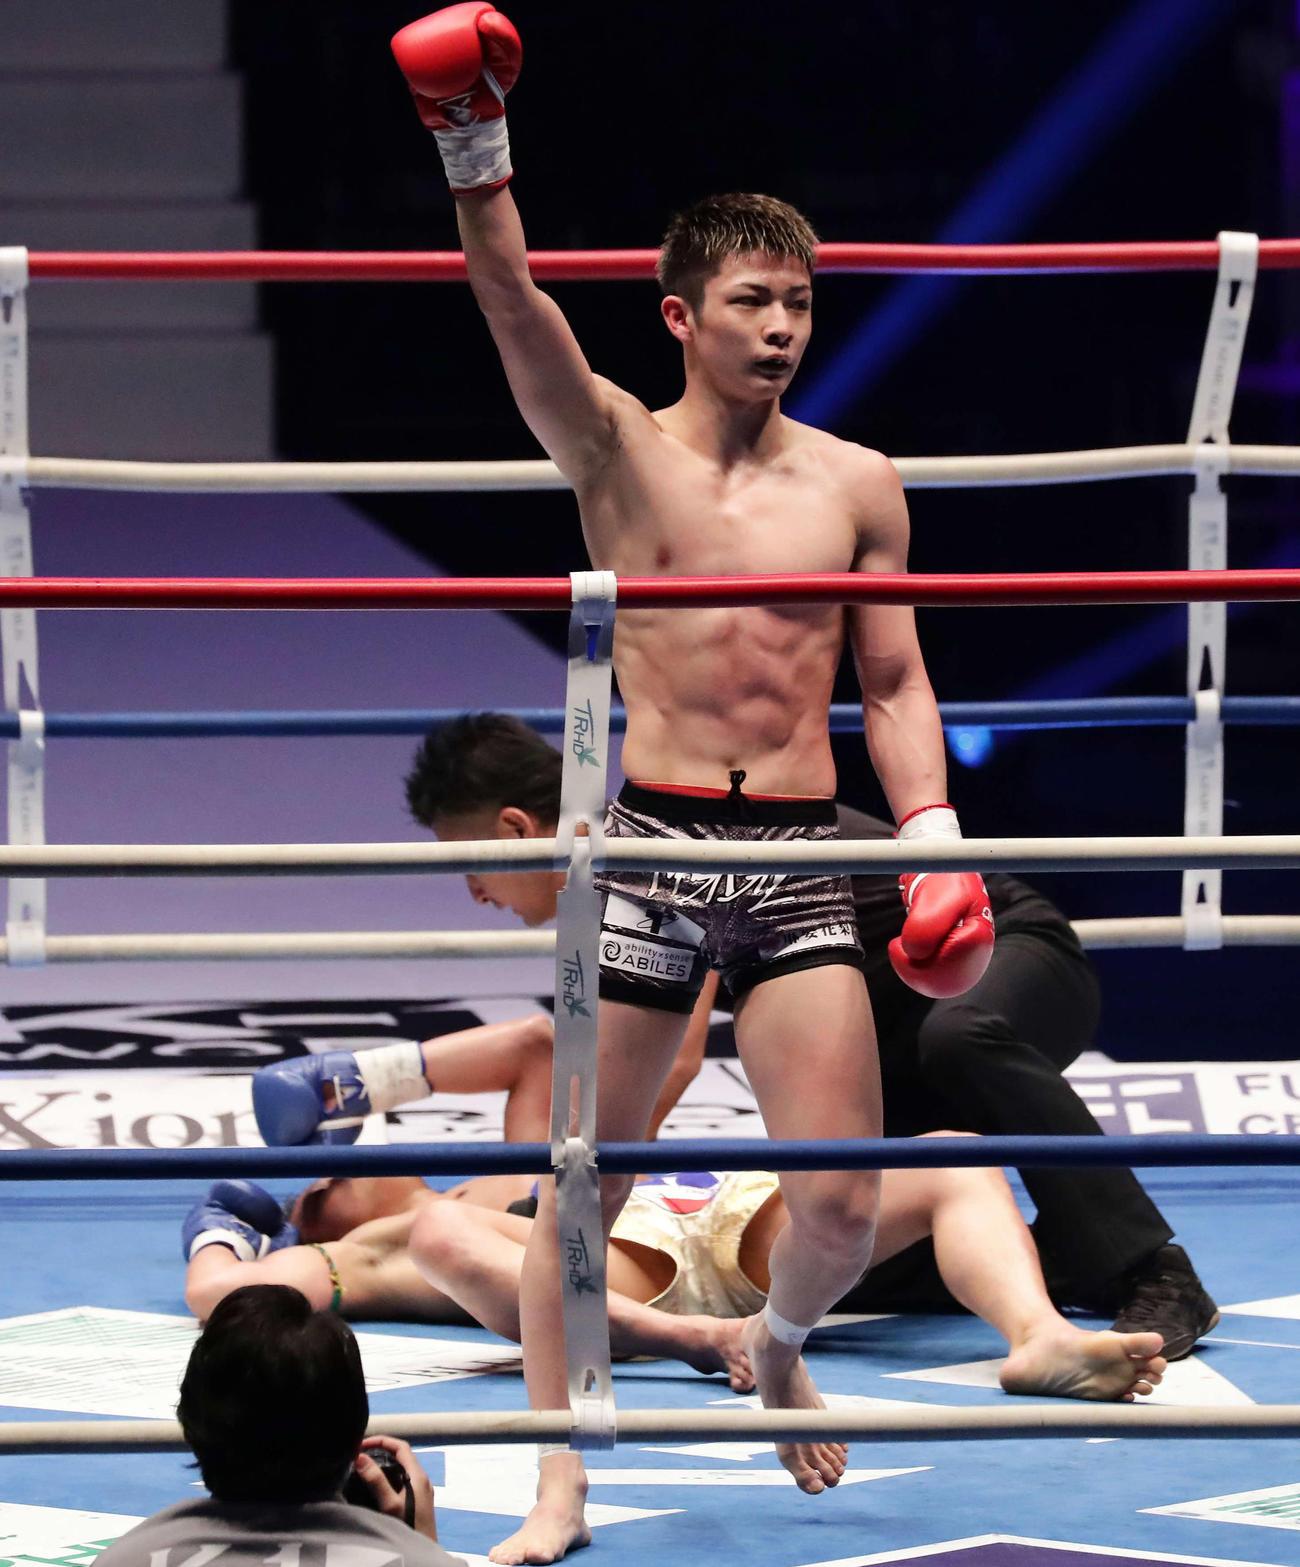 玖村将史対ダウサコン・モータッサナイ 2回、KO勝ちした玖村将史(撮影・丹羽敏通)